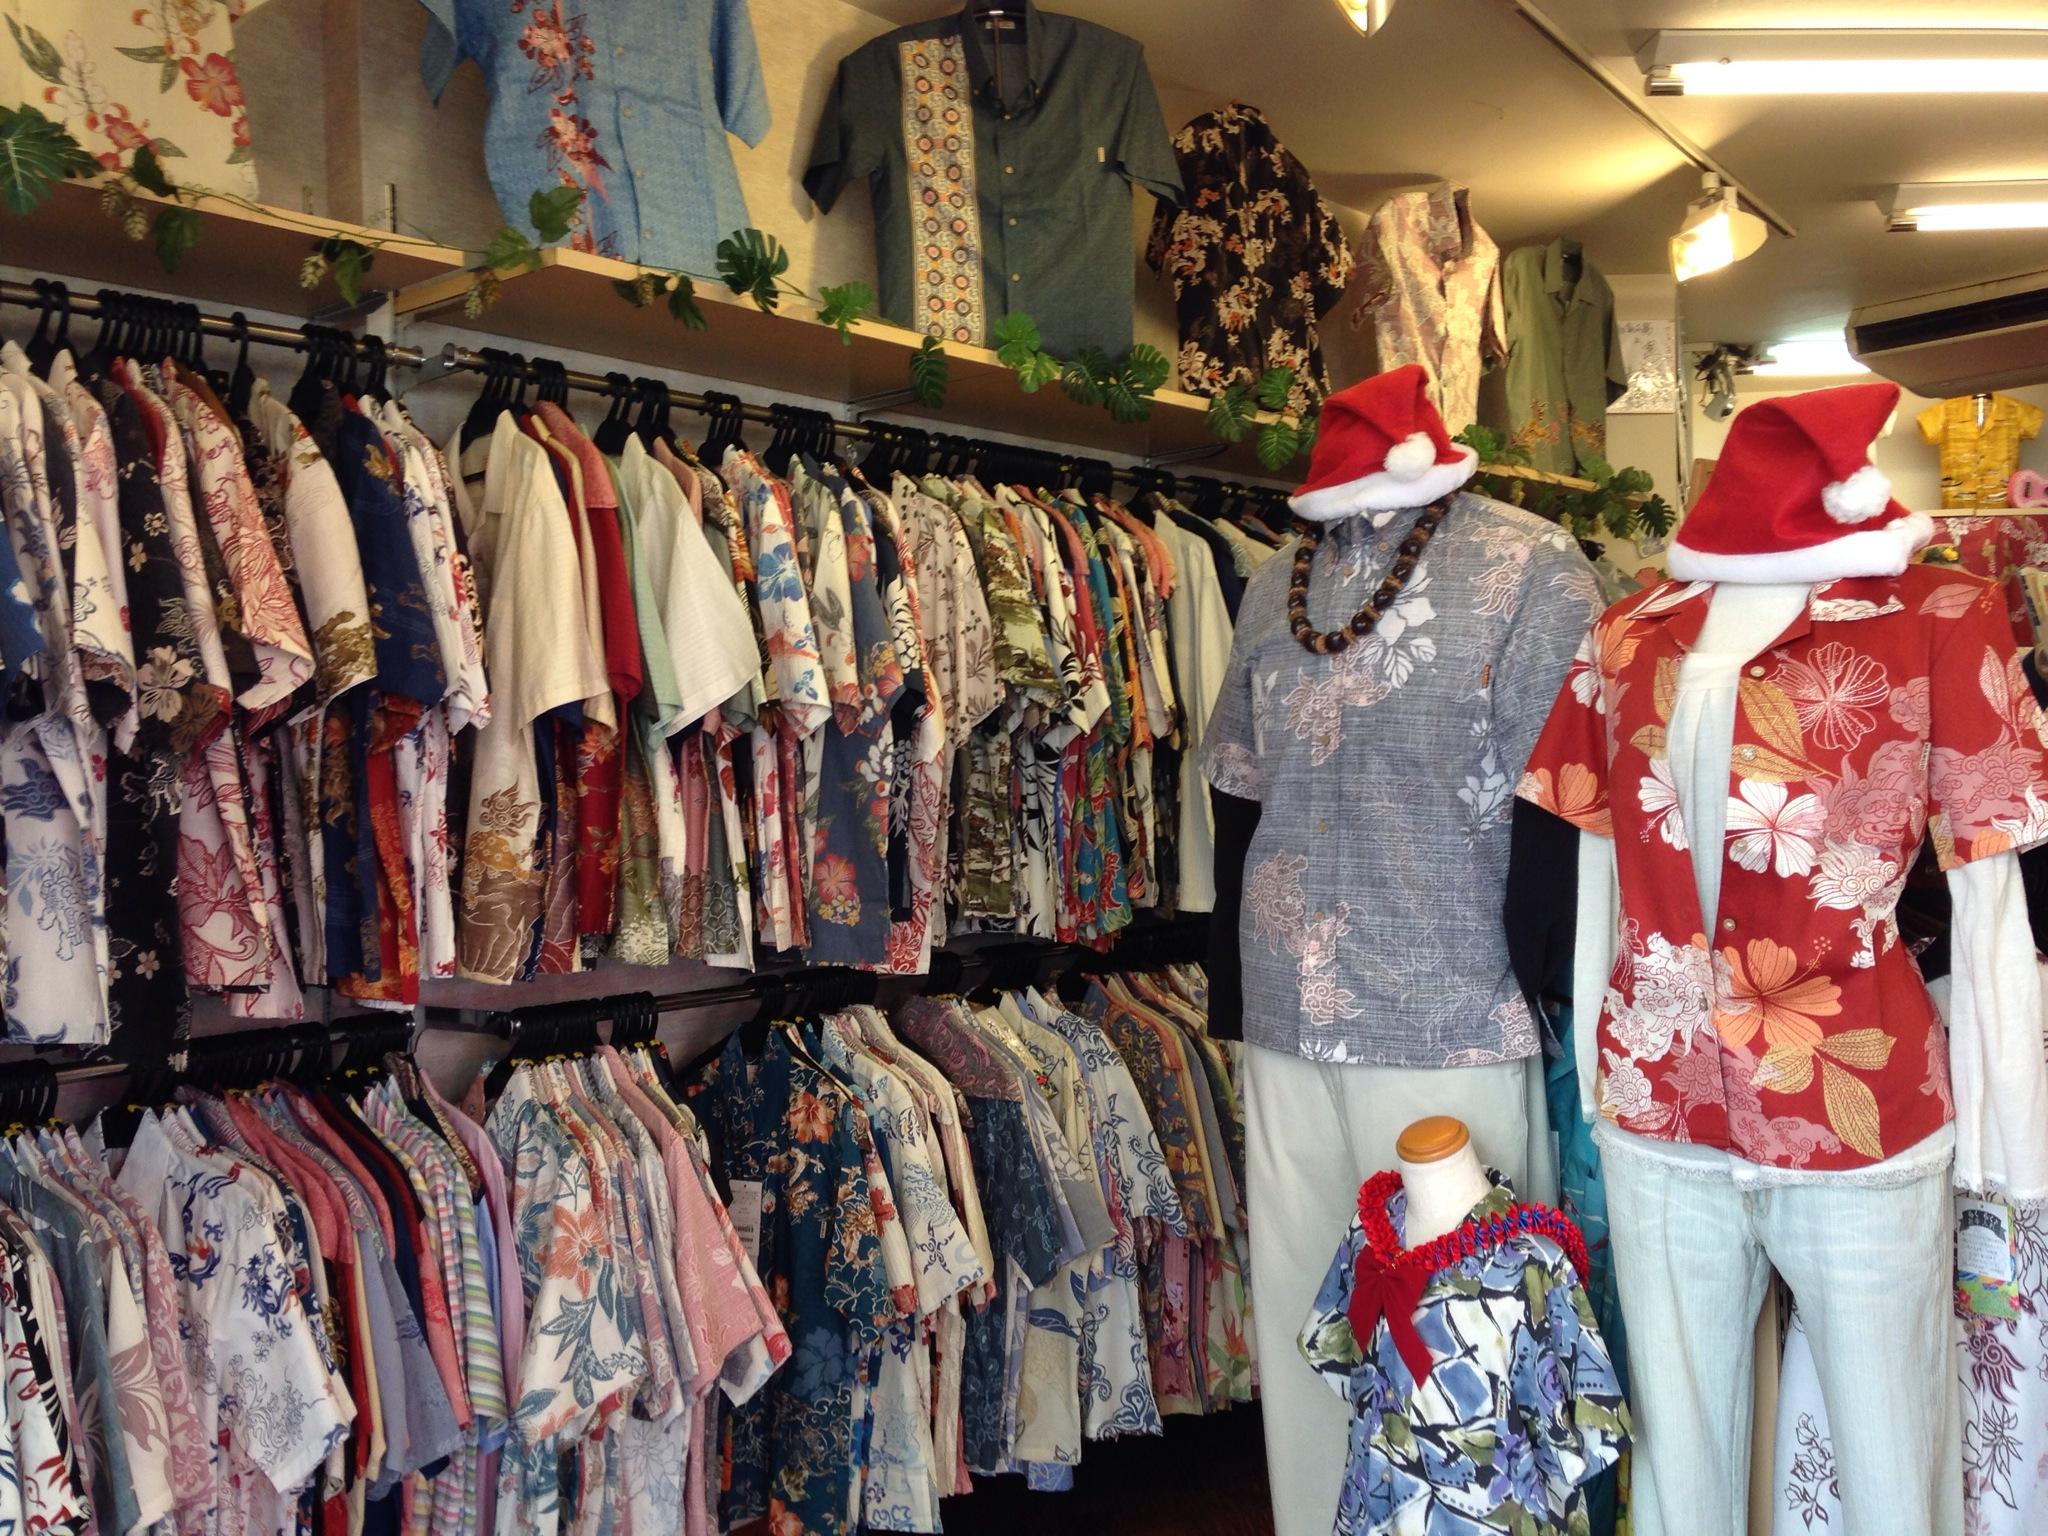 MANGO HOUSE | 沖縄で普段着用の「かりゆしウェア・アロハシャツ」を調達するならここ!子ども向けには女性用Sサイズが使えました!